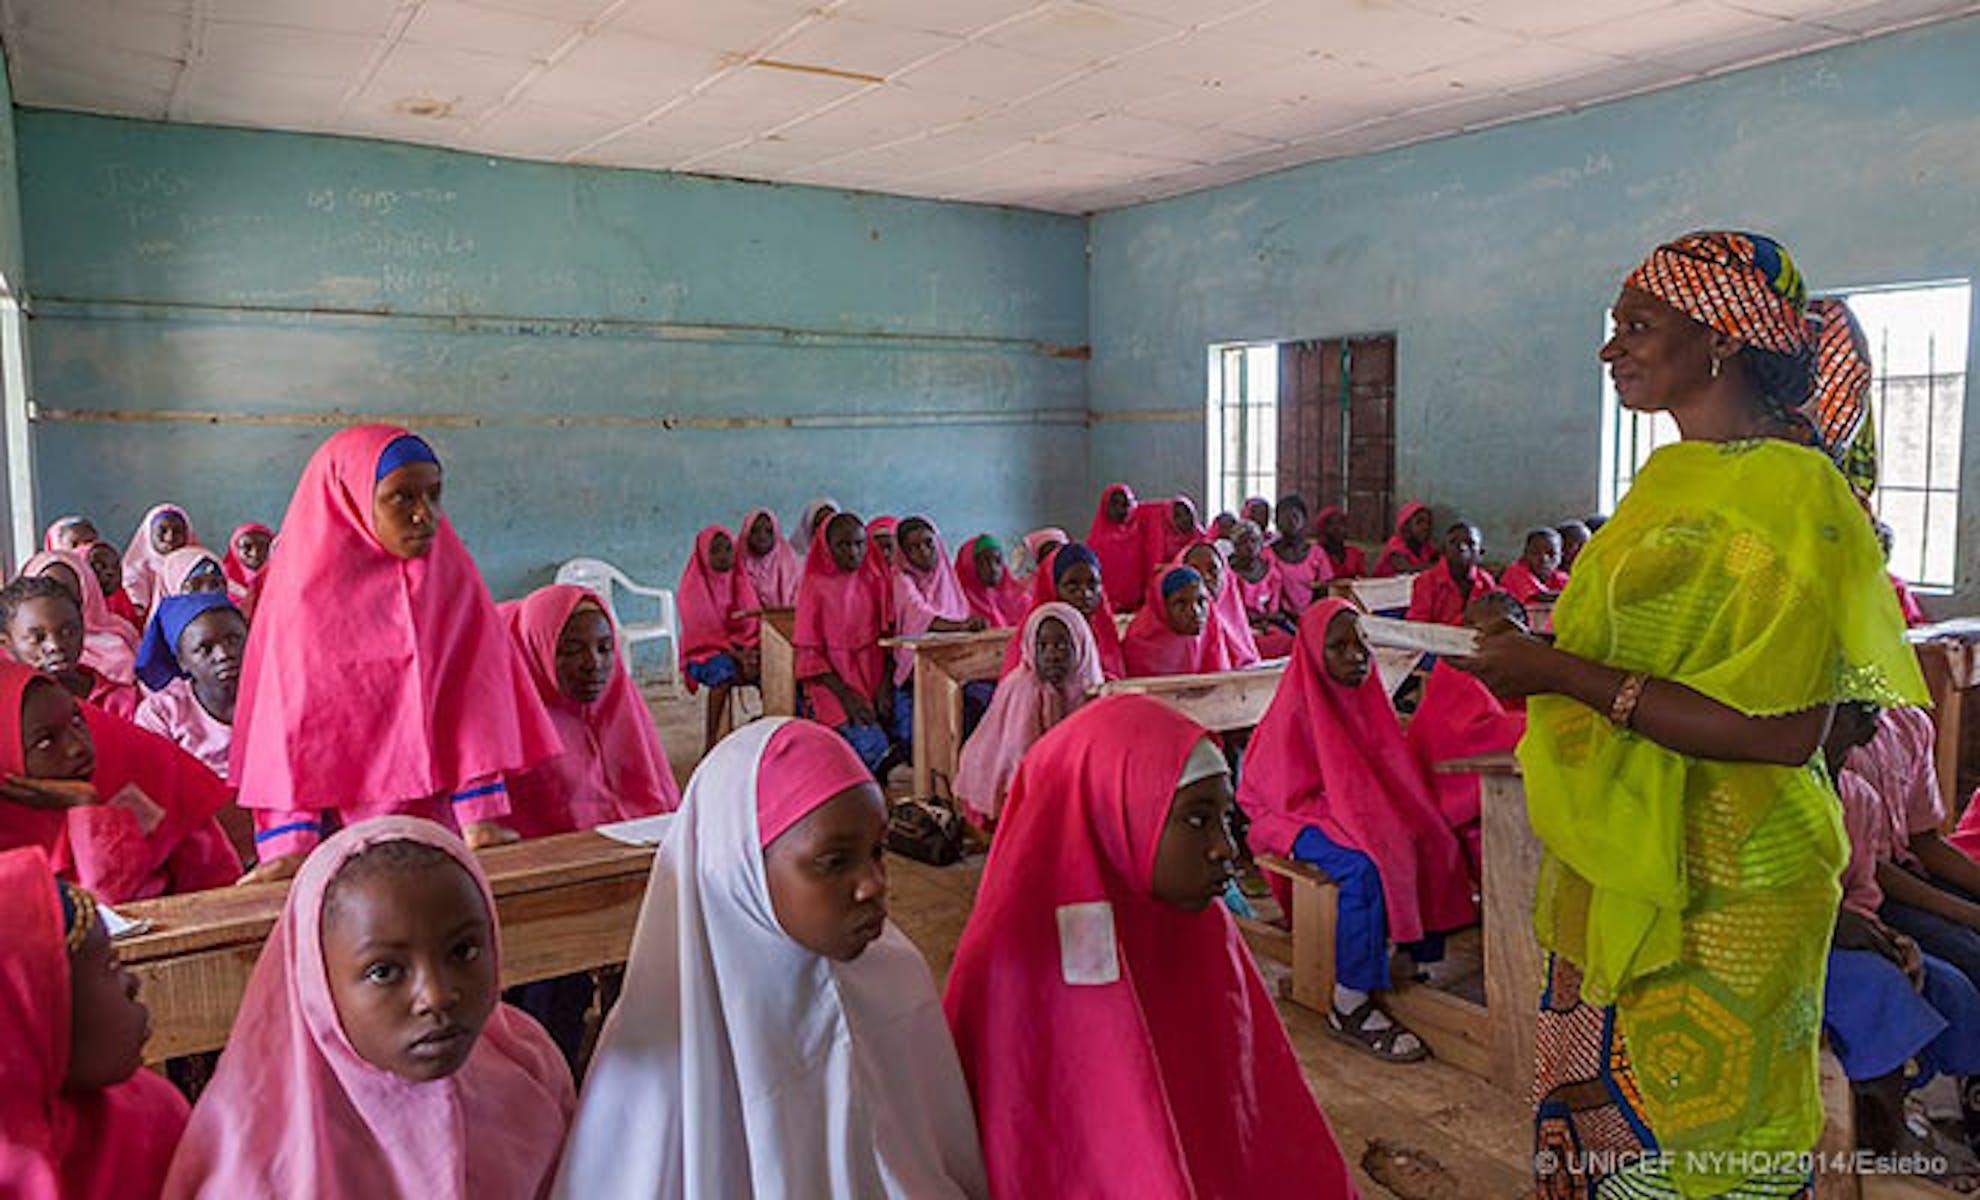 Alunne di Gyezmo, nel nord della Nigeria, paese in cui si stima manchino all'appello 10,5 milioni di bambini in età scolare - ©UNICEF/2014/Esiebo